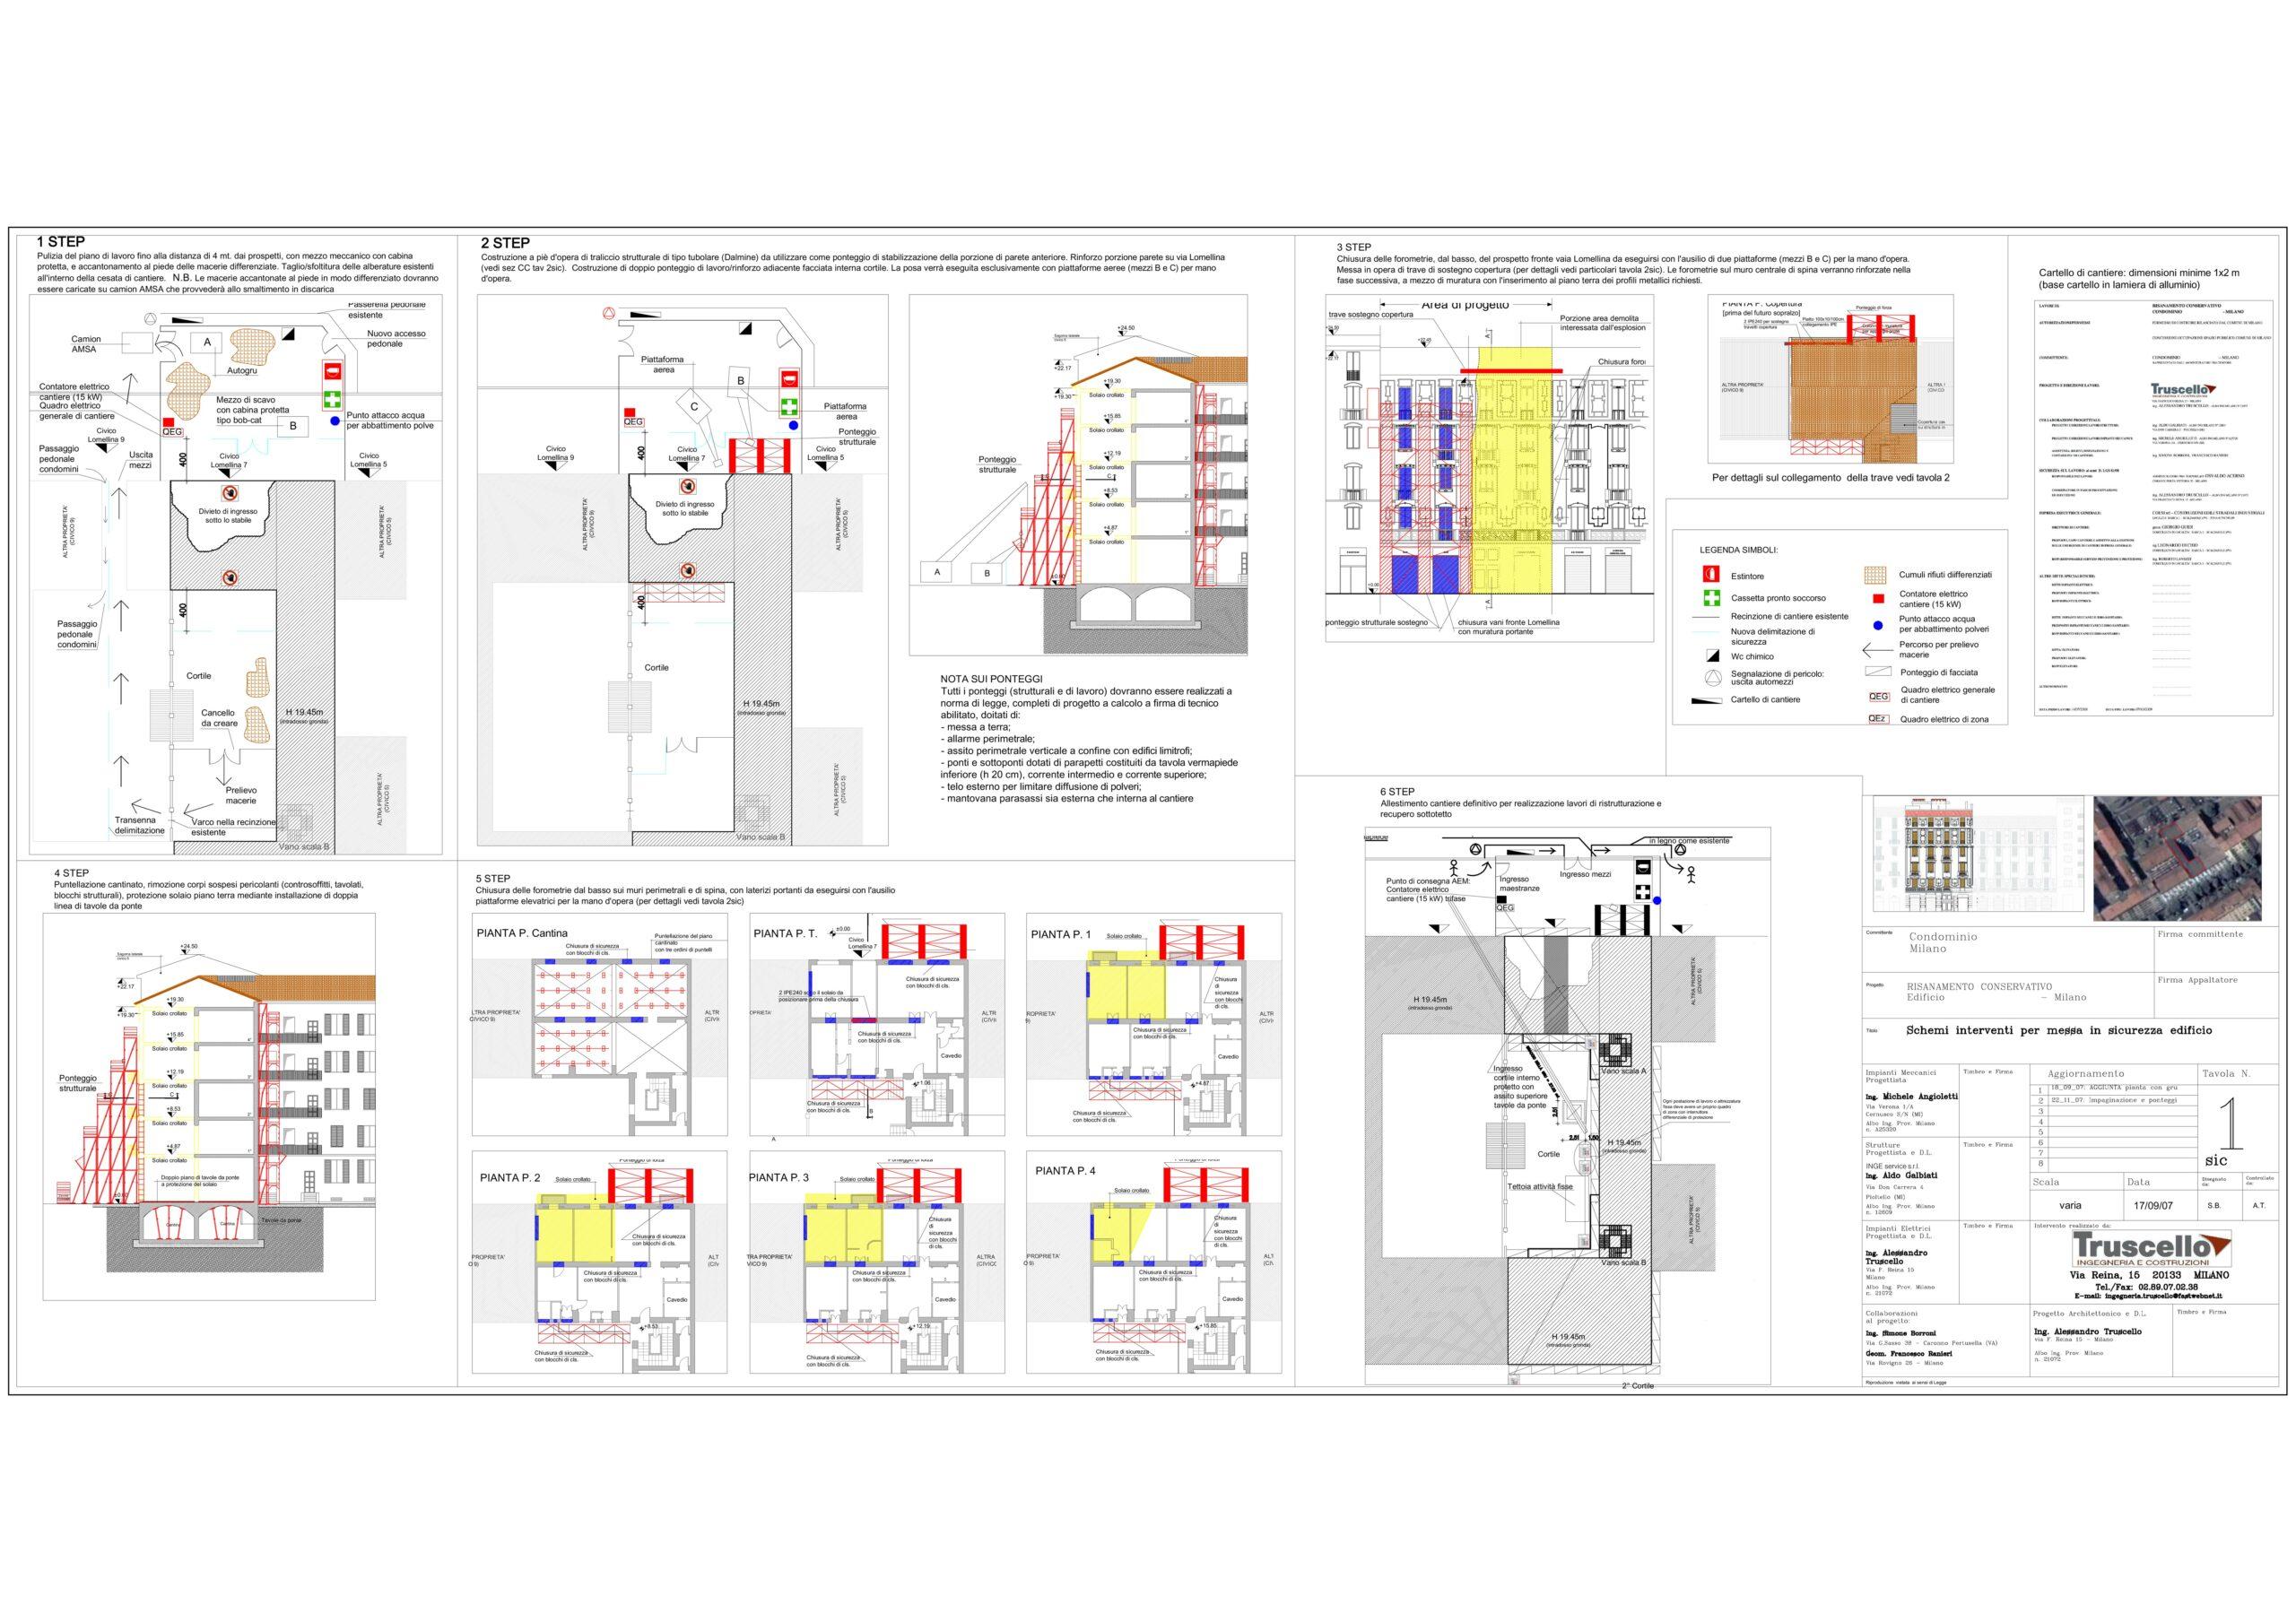 7. Elaborato grafico esecutivo con layout di cantiere e opere di messa in sicurezza dell'immobile, con fasi costruttive cronologiche descritte e dettagliate per piante prospetti e sezioni: stato di progetto.